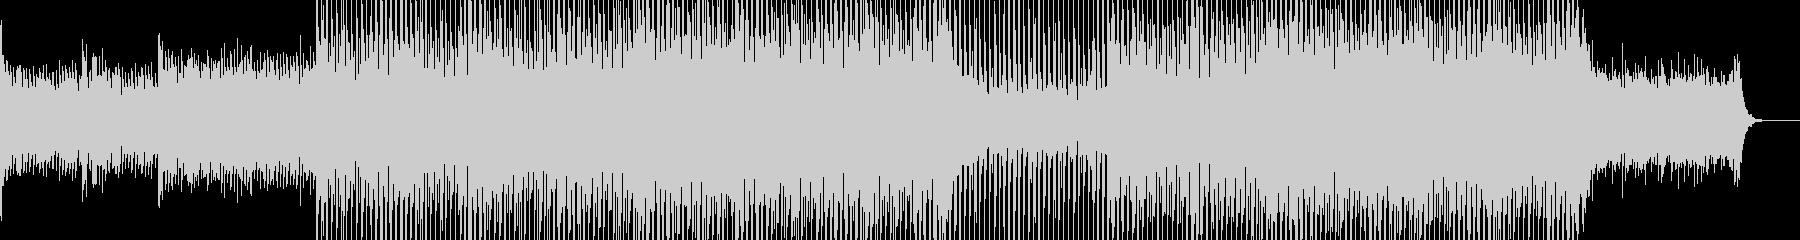 EDMクラブ系ダンスミュージック-33の未再生の波形